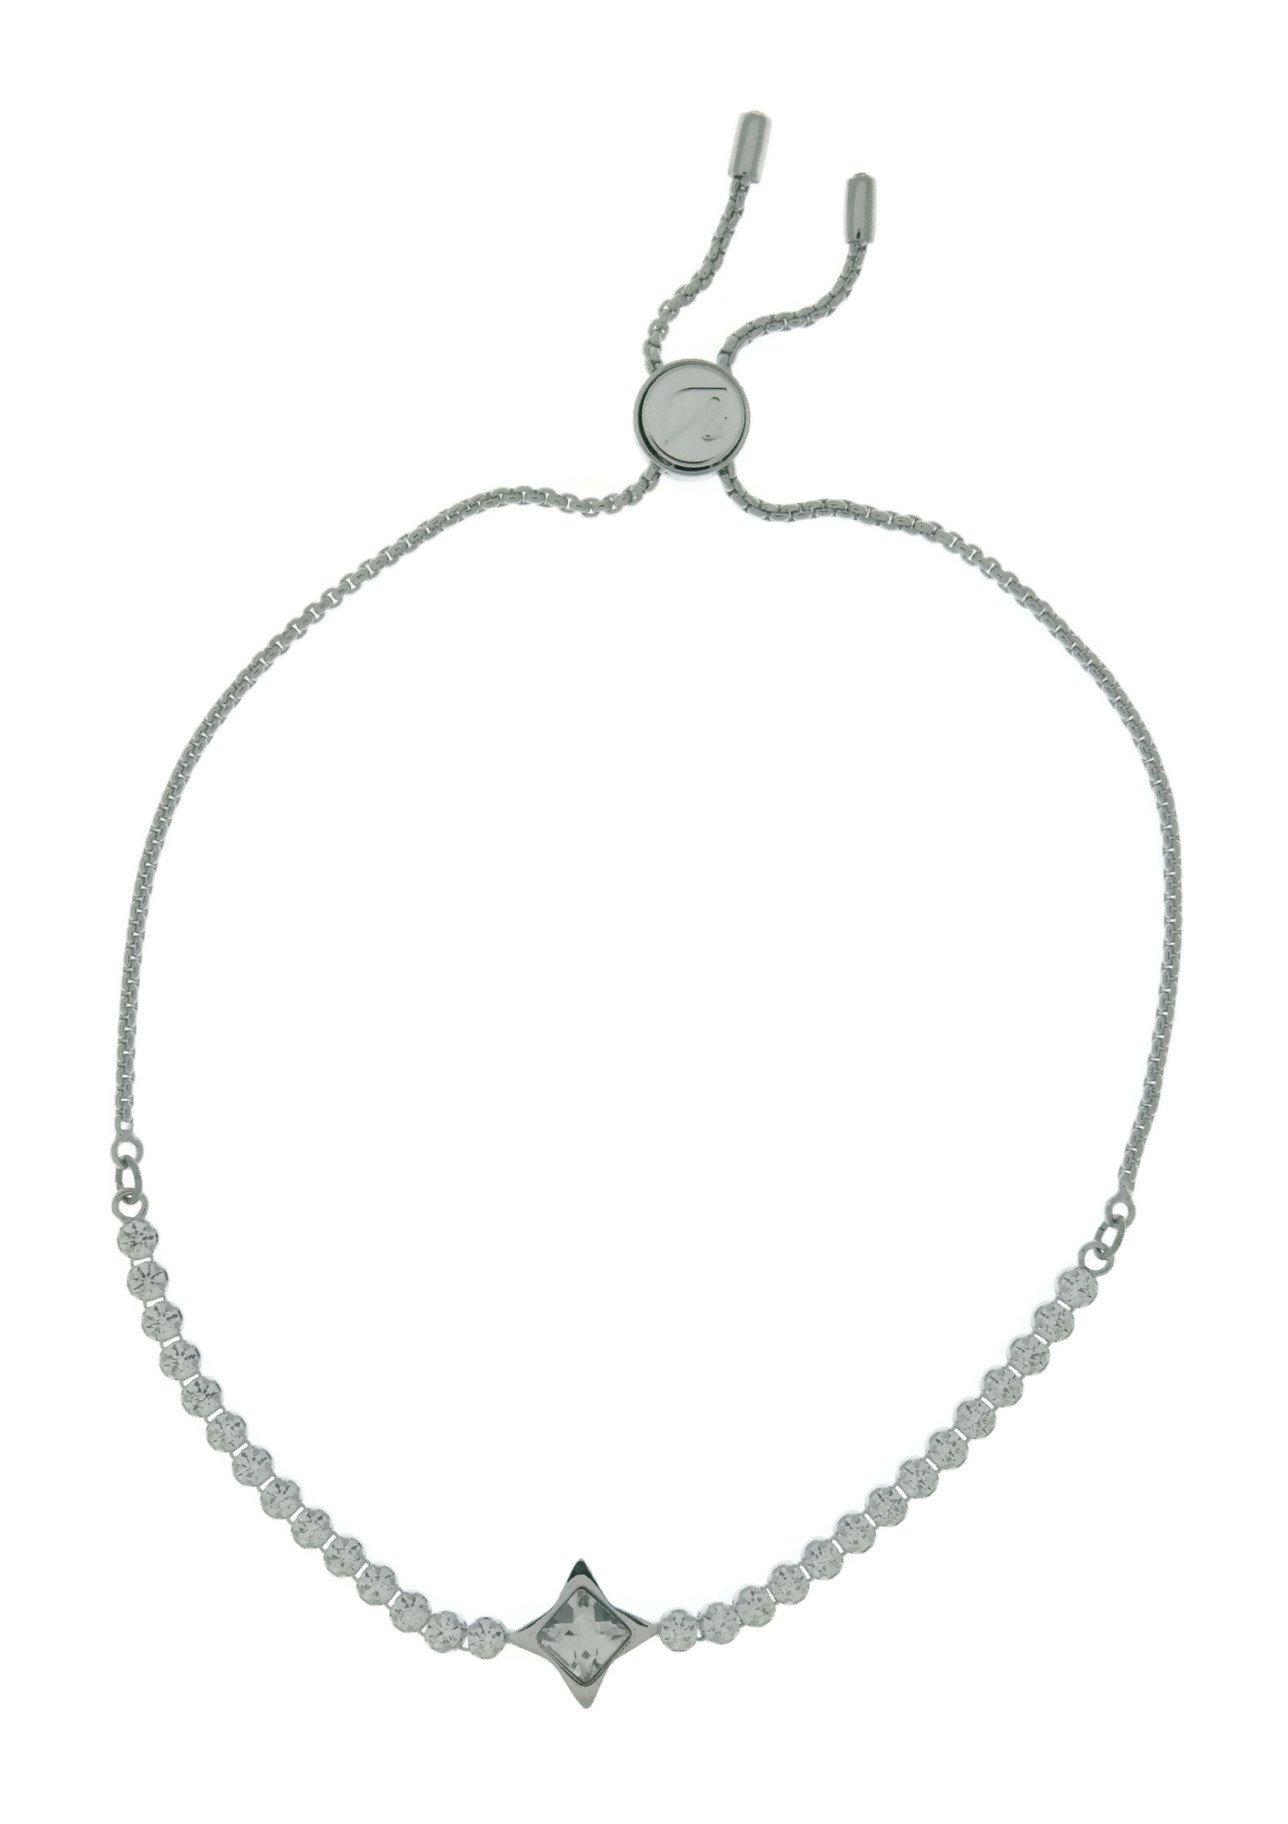 Swarovski Crystal White Rhodium-Plated Subtle Star Bolo Bracelet by Swarovski (Image #2)